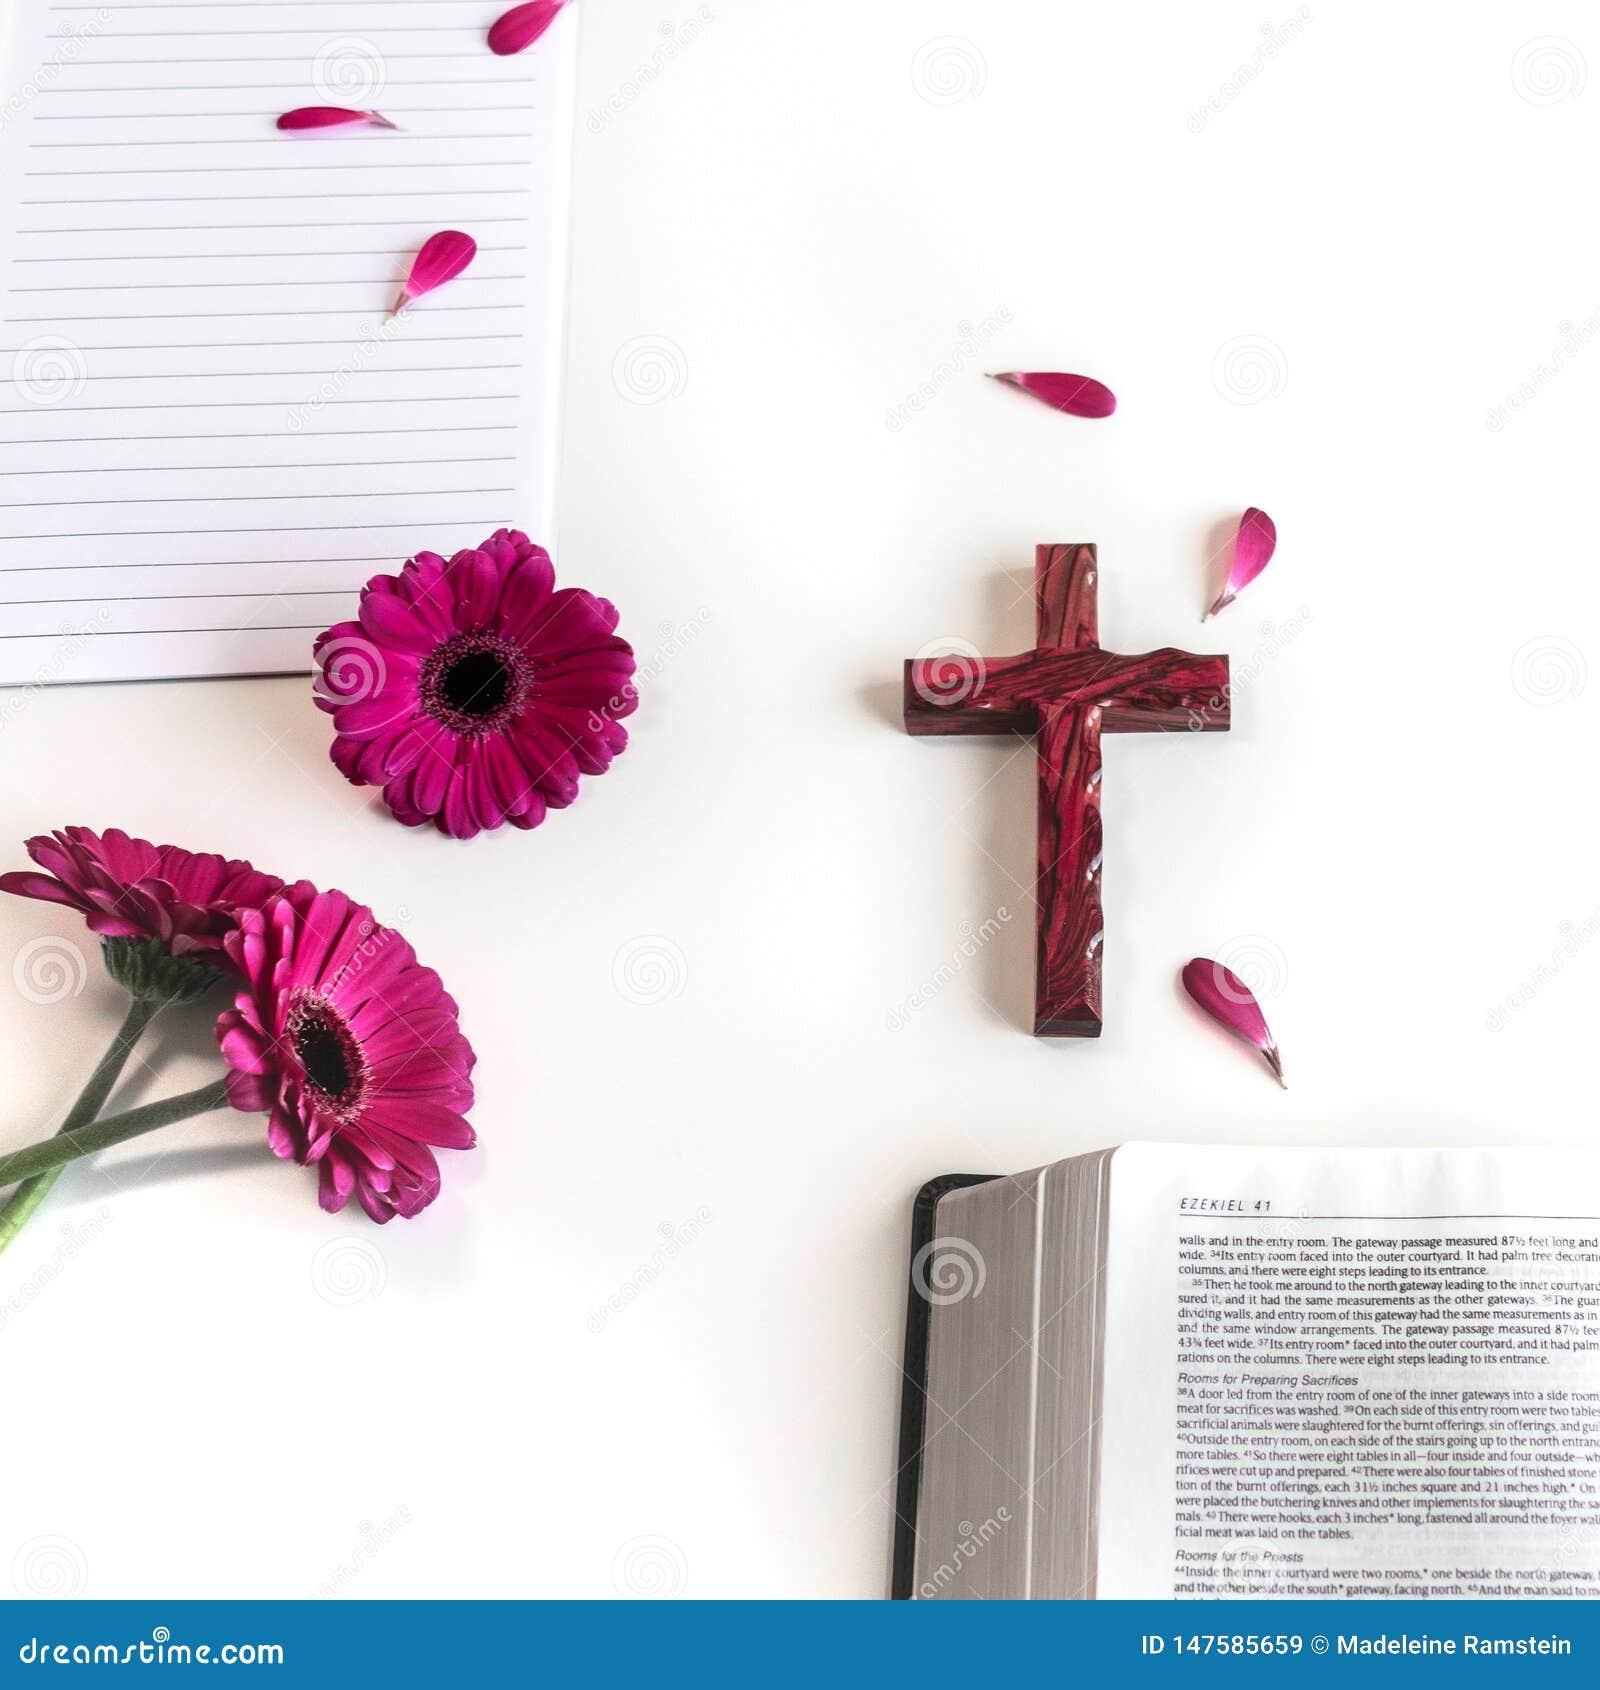 Disposizione piana: bibbia aperta, libro, incrocio di legno e rosa, porpora, violette, fiore rosso della gerbera con i petali